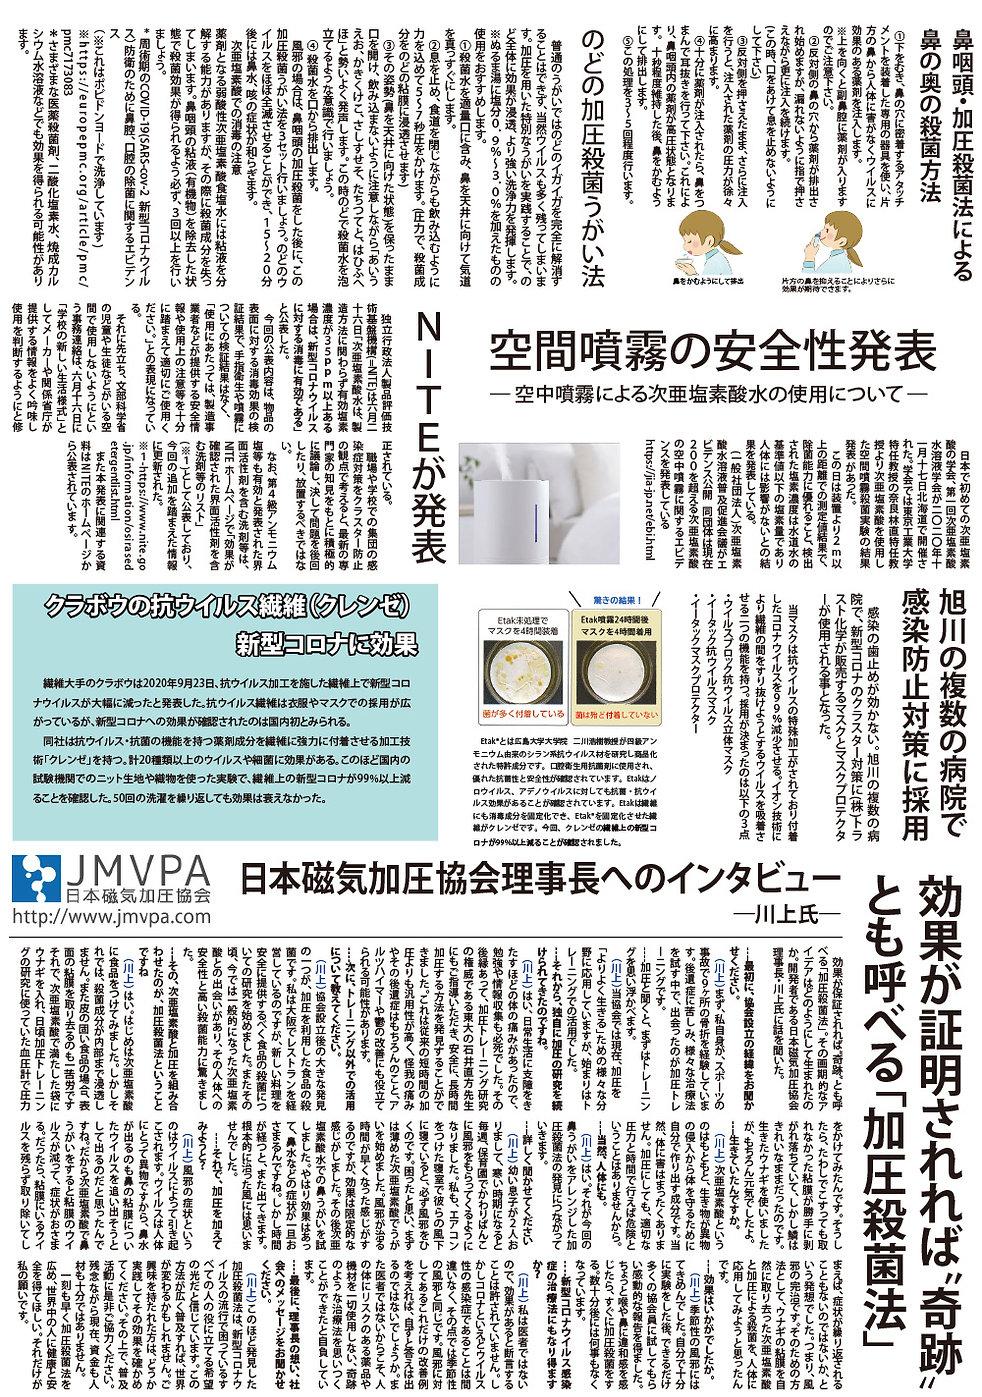 ライフサイエンス新聞-2.jpg